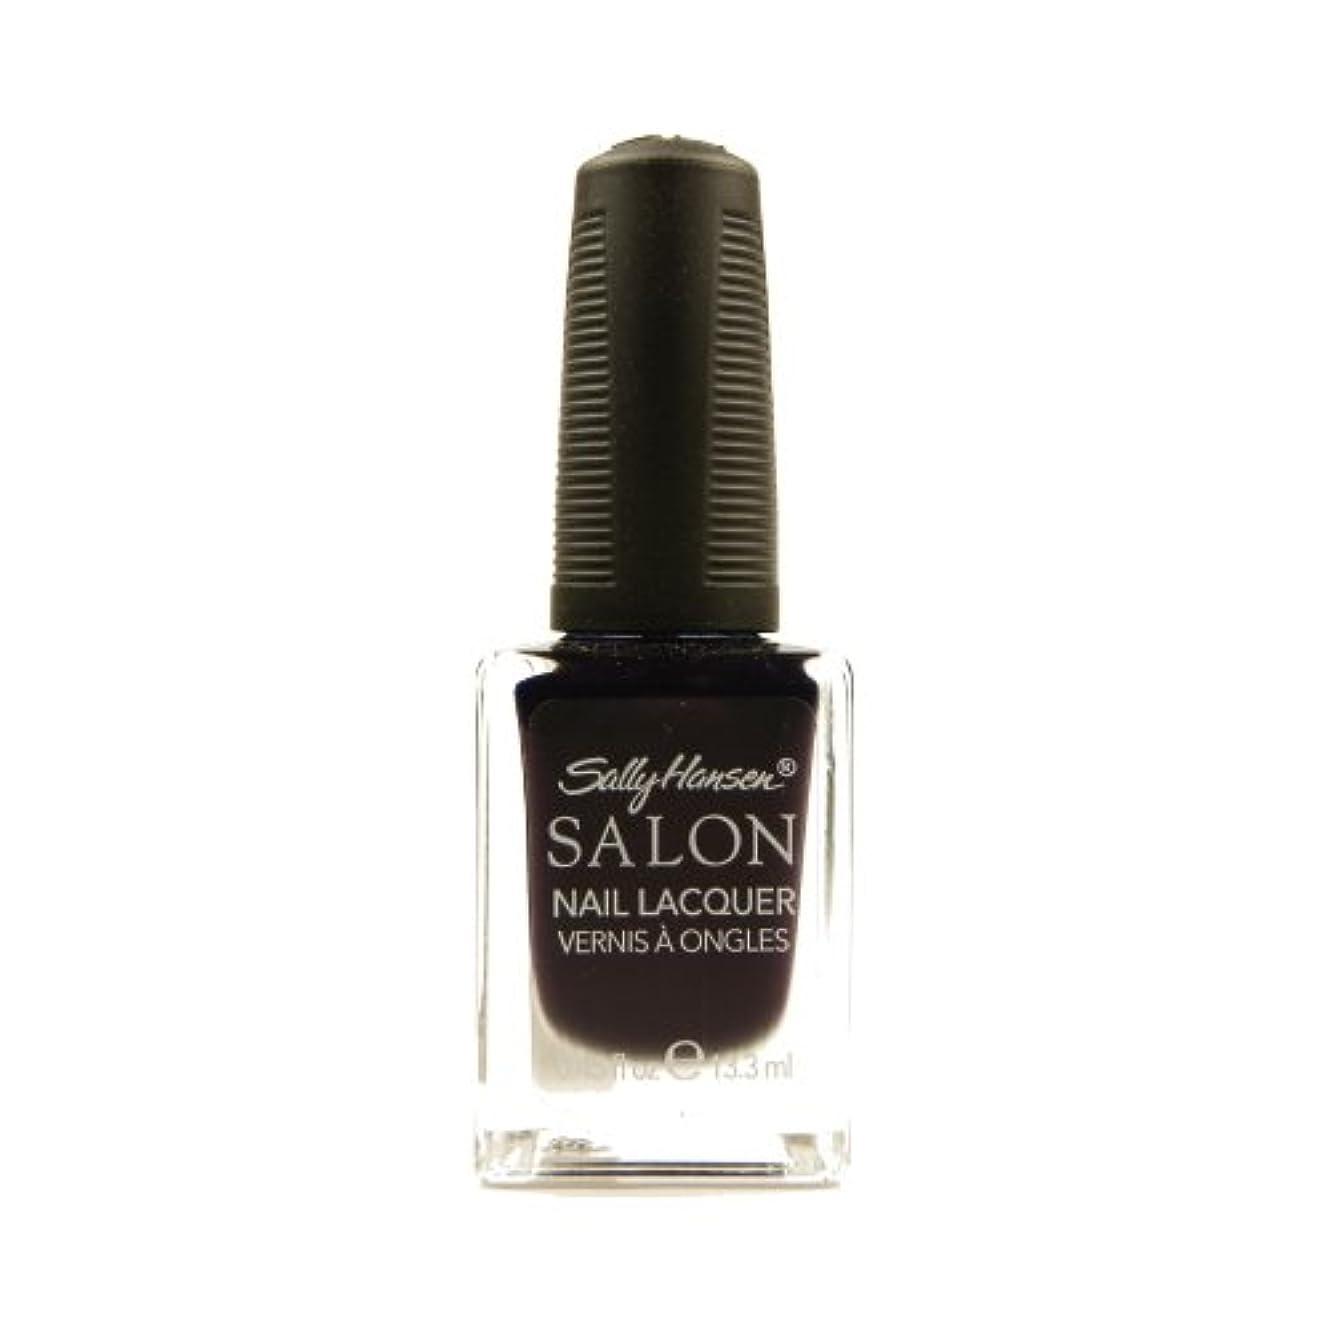 収束近似したがってSALLY HANSEN Salon Nail Lacquer 4134 - The Deepest of Violets (並行輸入品)